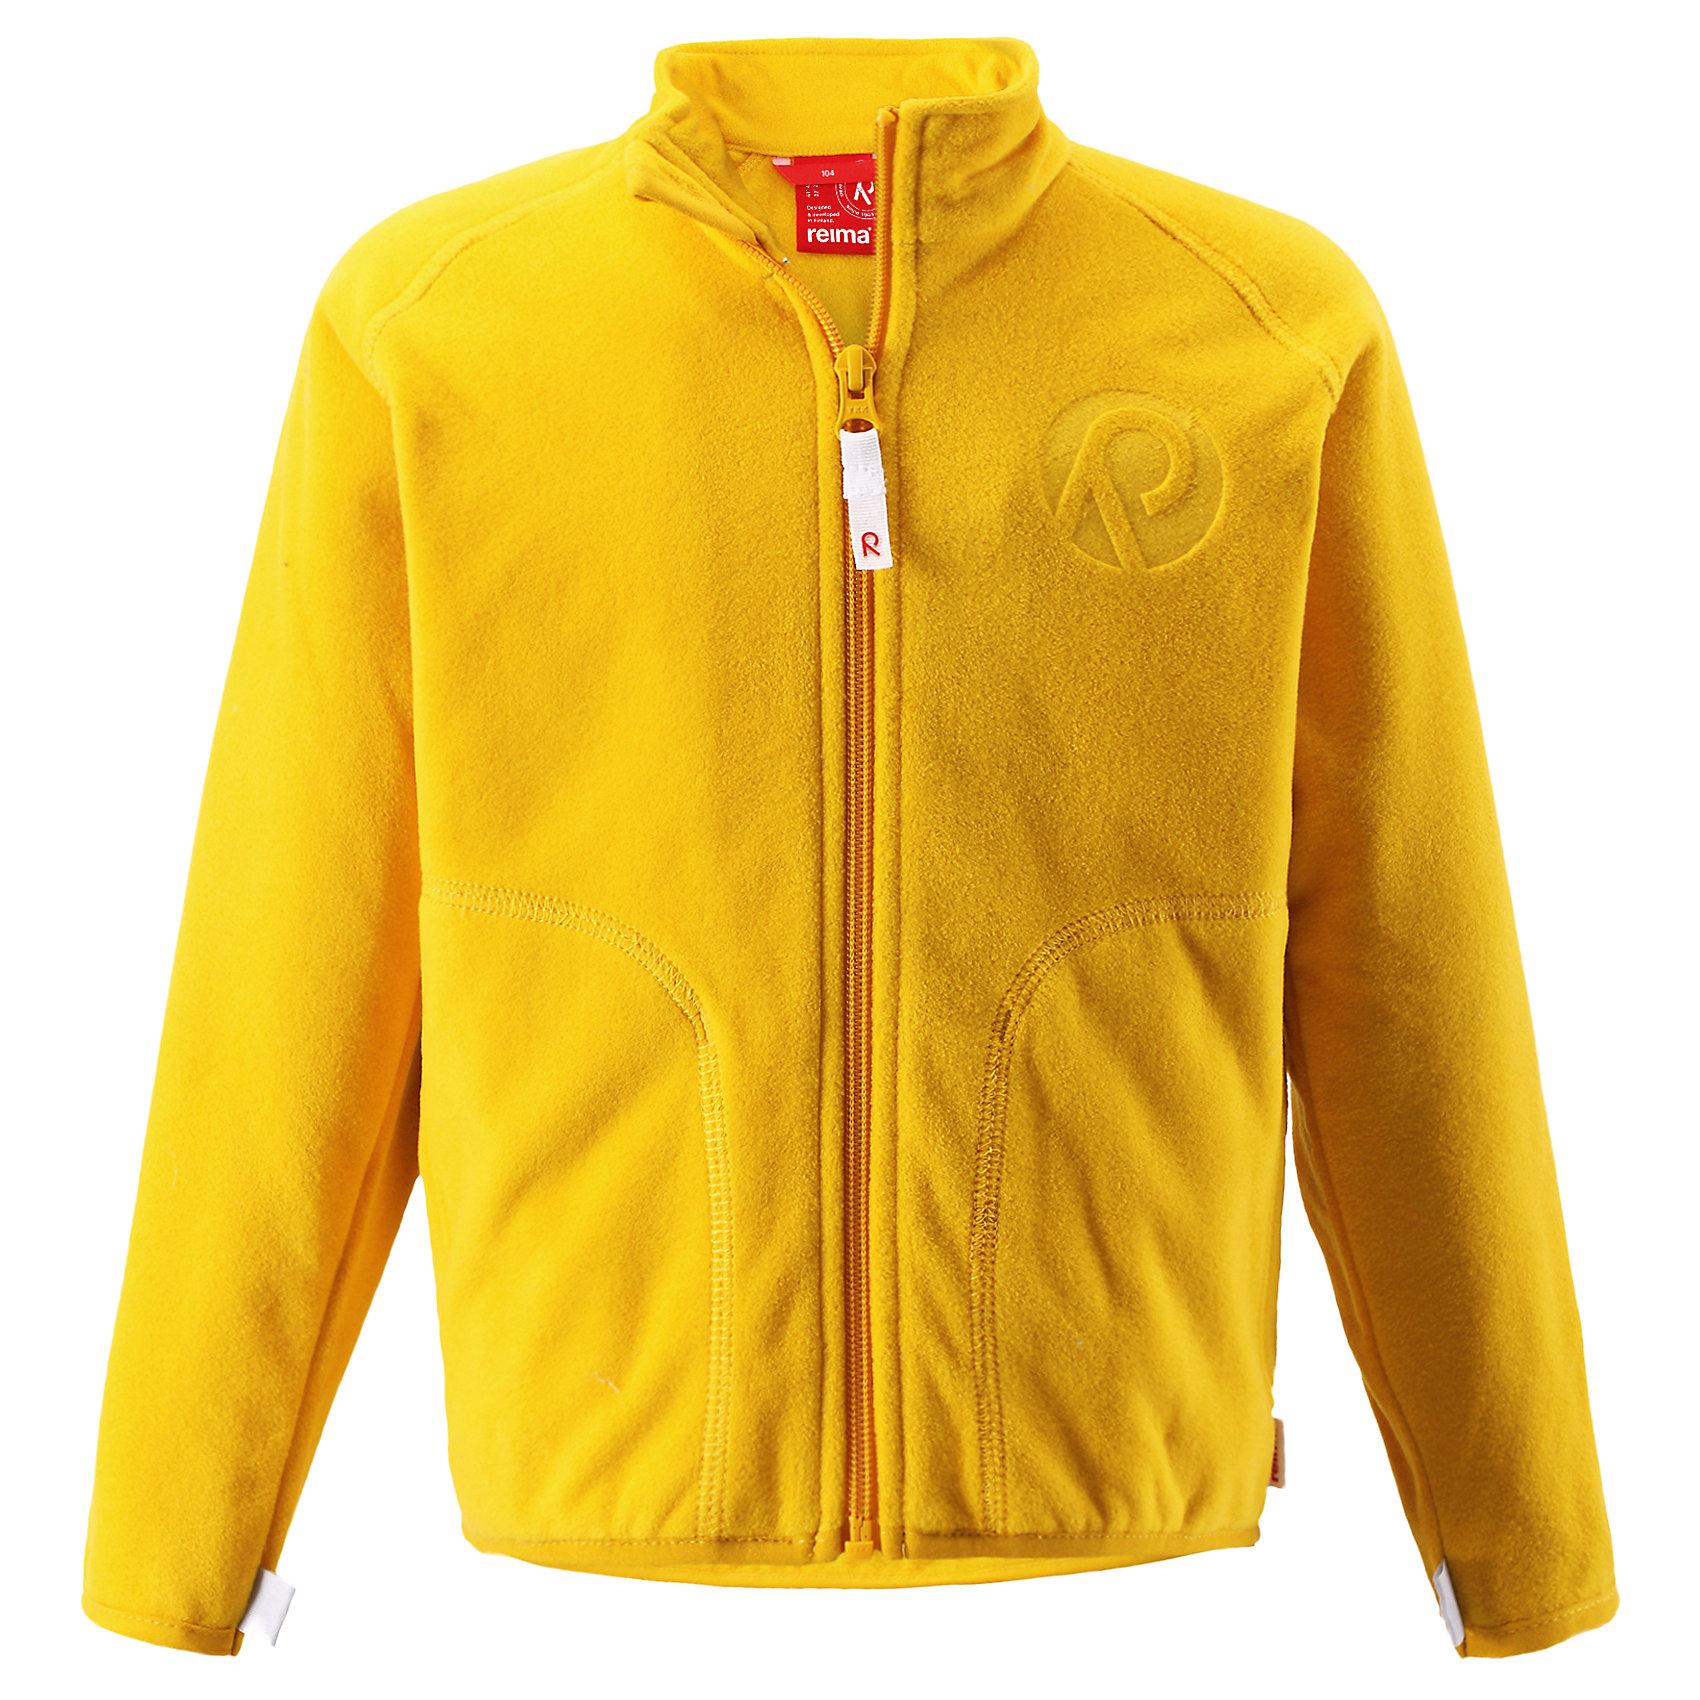 Толстовка флисовая Inrun ReimaТолстовки<br>Куртка флисовая  Reima<br>Флисовая куртка для детей. Выводит влагу наружу и быстро сохнет. Теплый, легкий и быстросохнущий поларфлис. Может пристегиваться к верхней одежде Reima® кнопками Play Layers®. Эластичные манжеты. Удлиненный подол сзади. Молния по всей длине с защитой подбородка. Боковые карманы. Аппликация.<br>Уход:<br>Стирать по отдельности, вывернув наизнанку. Застегнуть молнии. Стирать моющим средством, не содержащим отбеливающие вещества. Полоскать без специального средства.  Сушить при низкой температуре.<br>Состав:<br>100% Полиэстер<br><br>Ширина мм: 356<br>Глубина мм: 10<br>Высота мм: 245<br>Вес г: 519<br>Цвет: желтый<br>Возраст от месяцев: 108<br>Возраст до месяцев: 120<br>Пол: Унисекс<br>Возраст: Детский<br>Размер: 140,92,98,104,110,116,122,128,134<br>SKU: 4779142